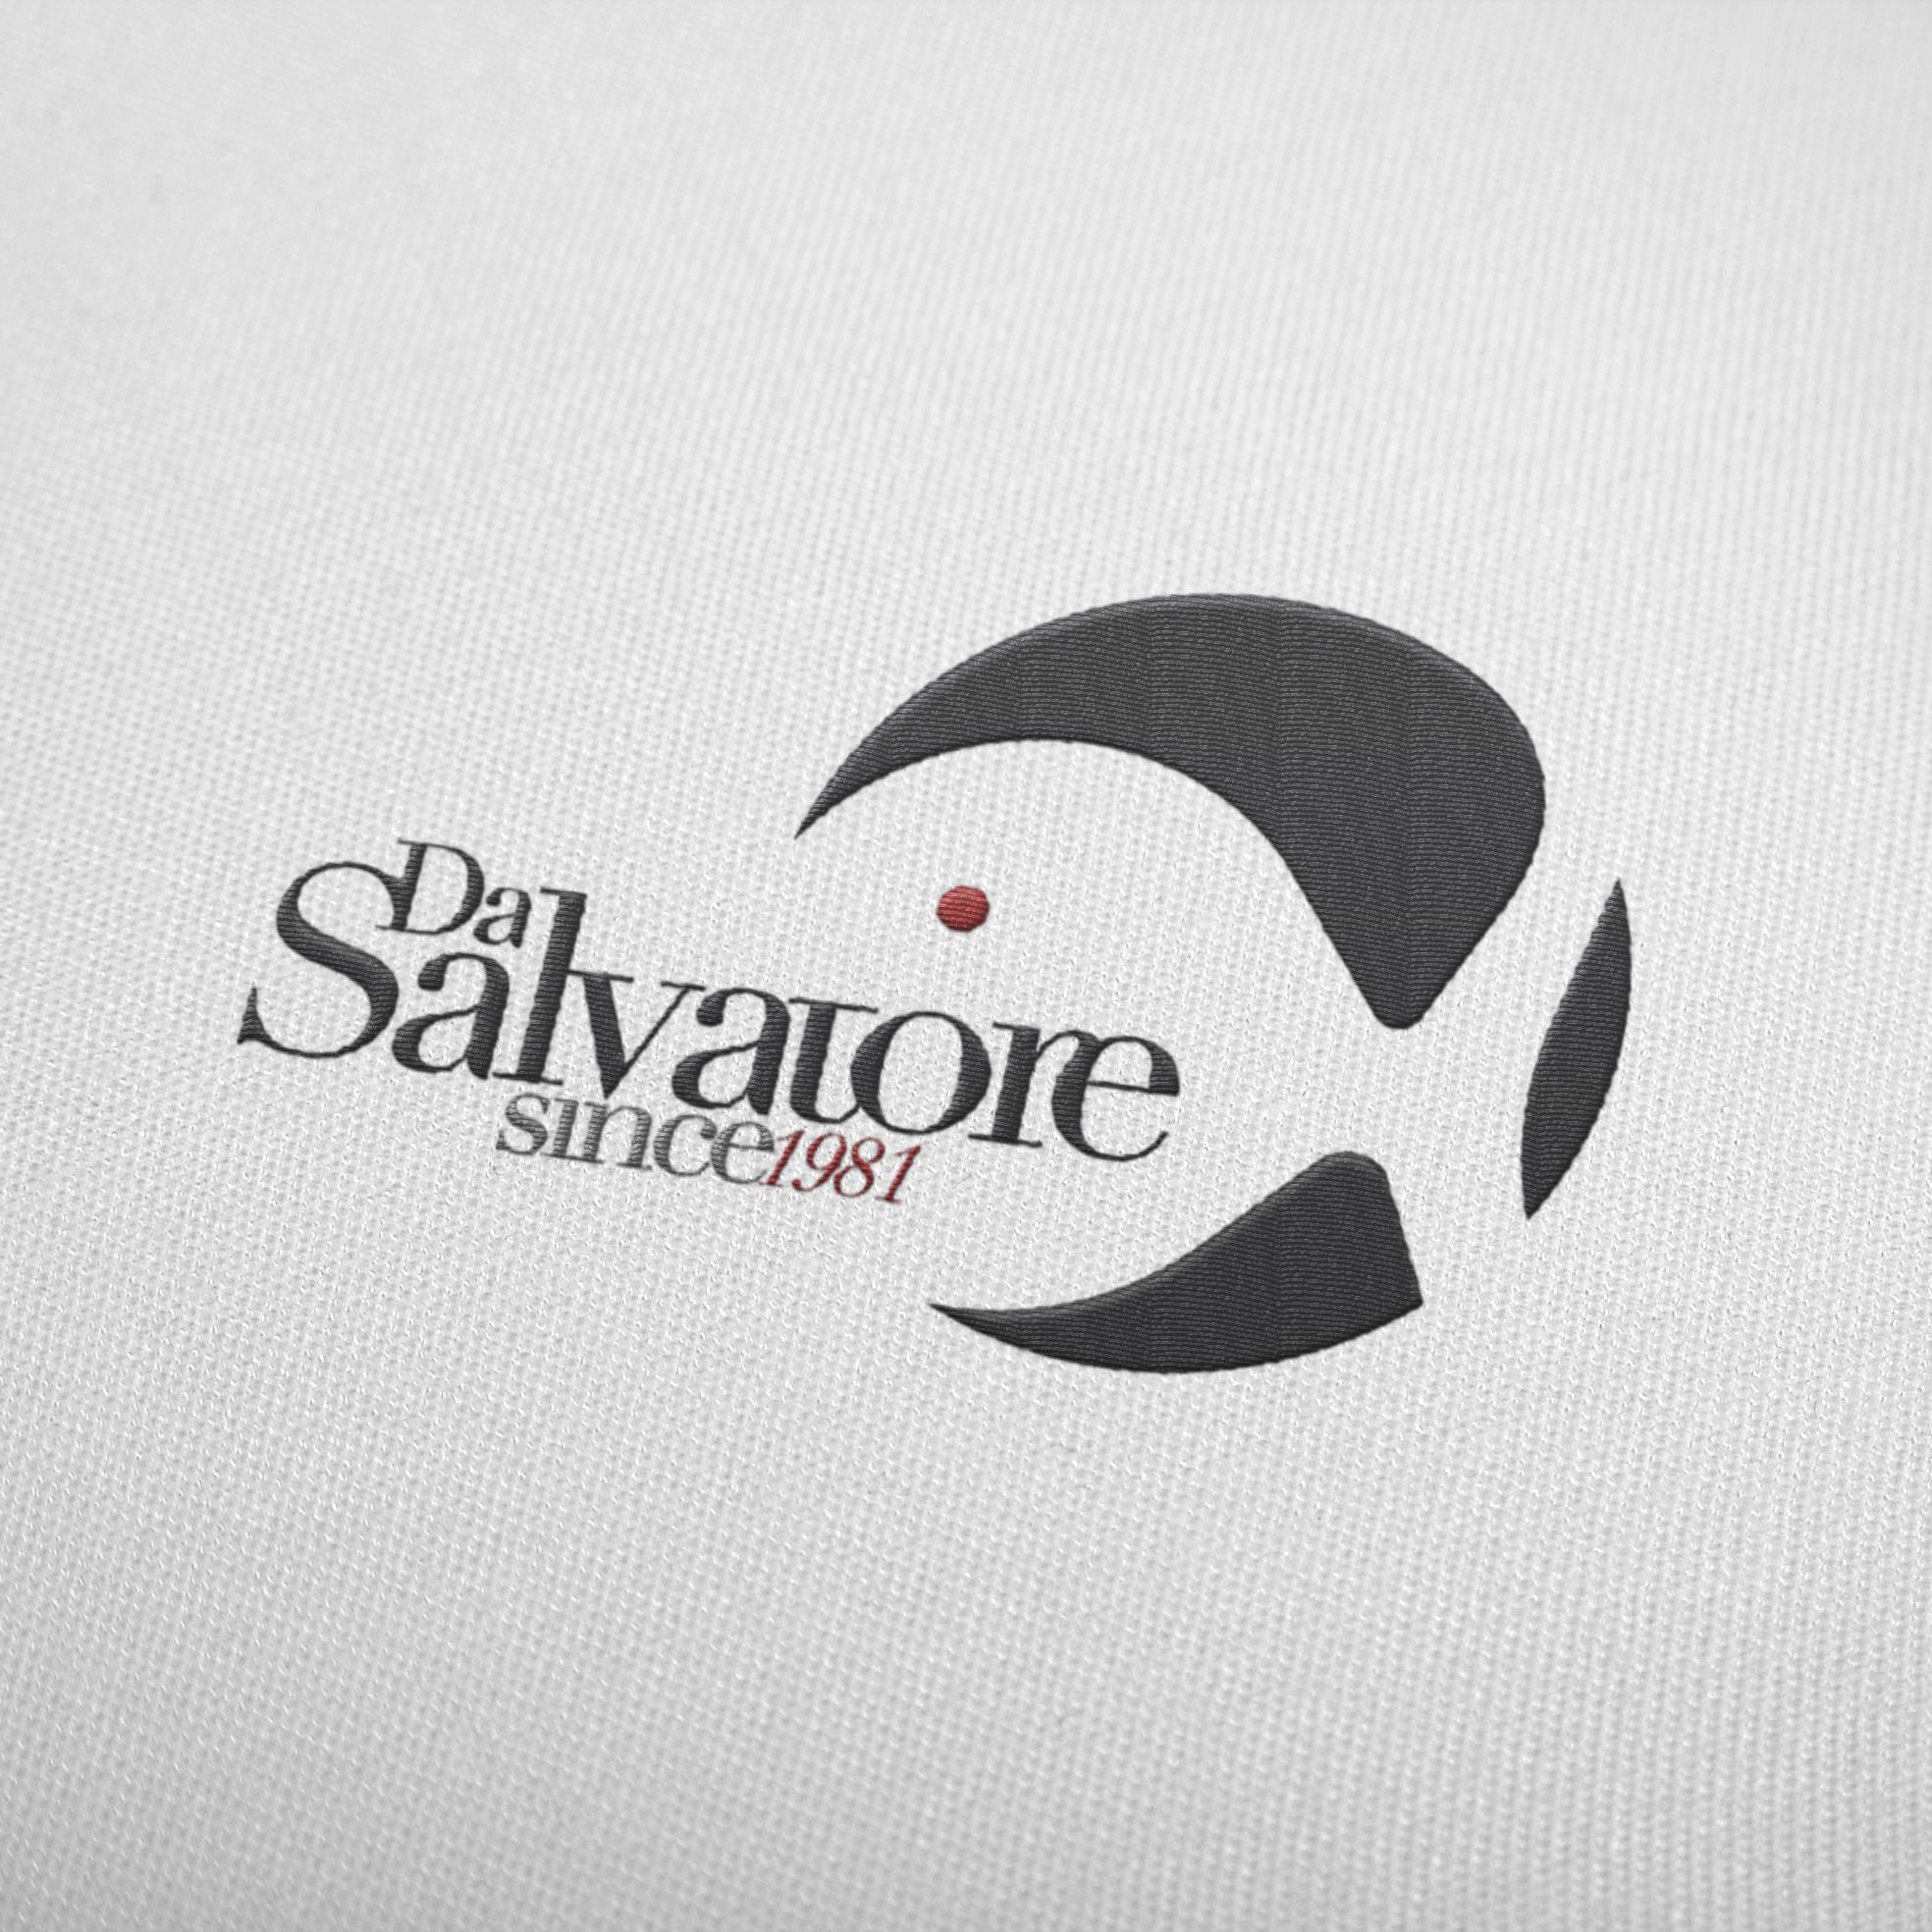 Ristorante Da Salvatore - Marchio